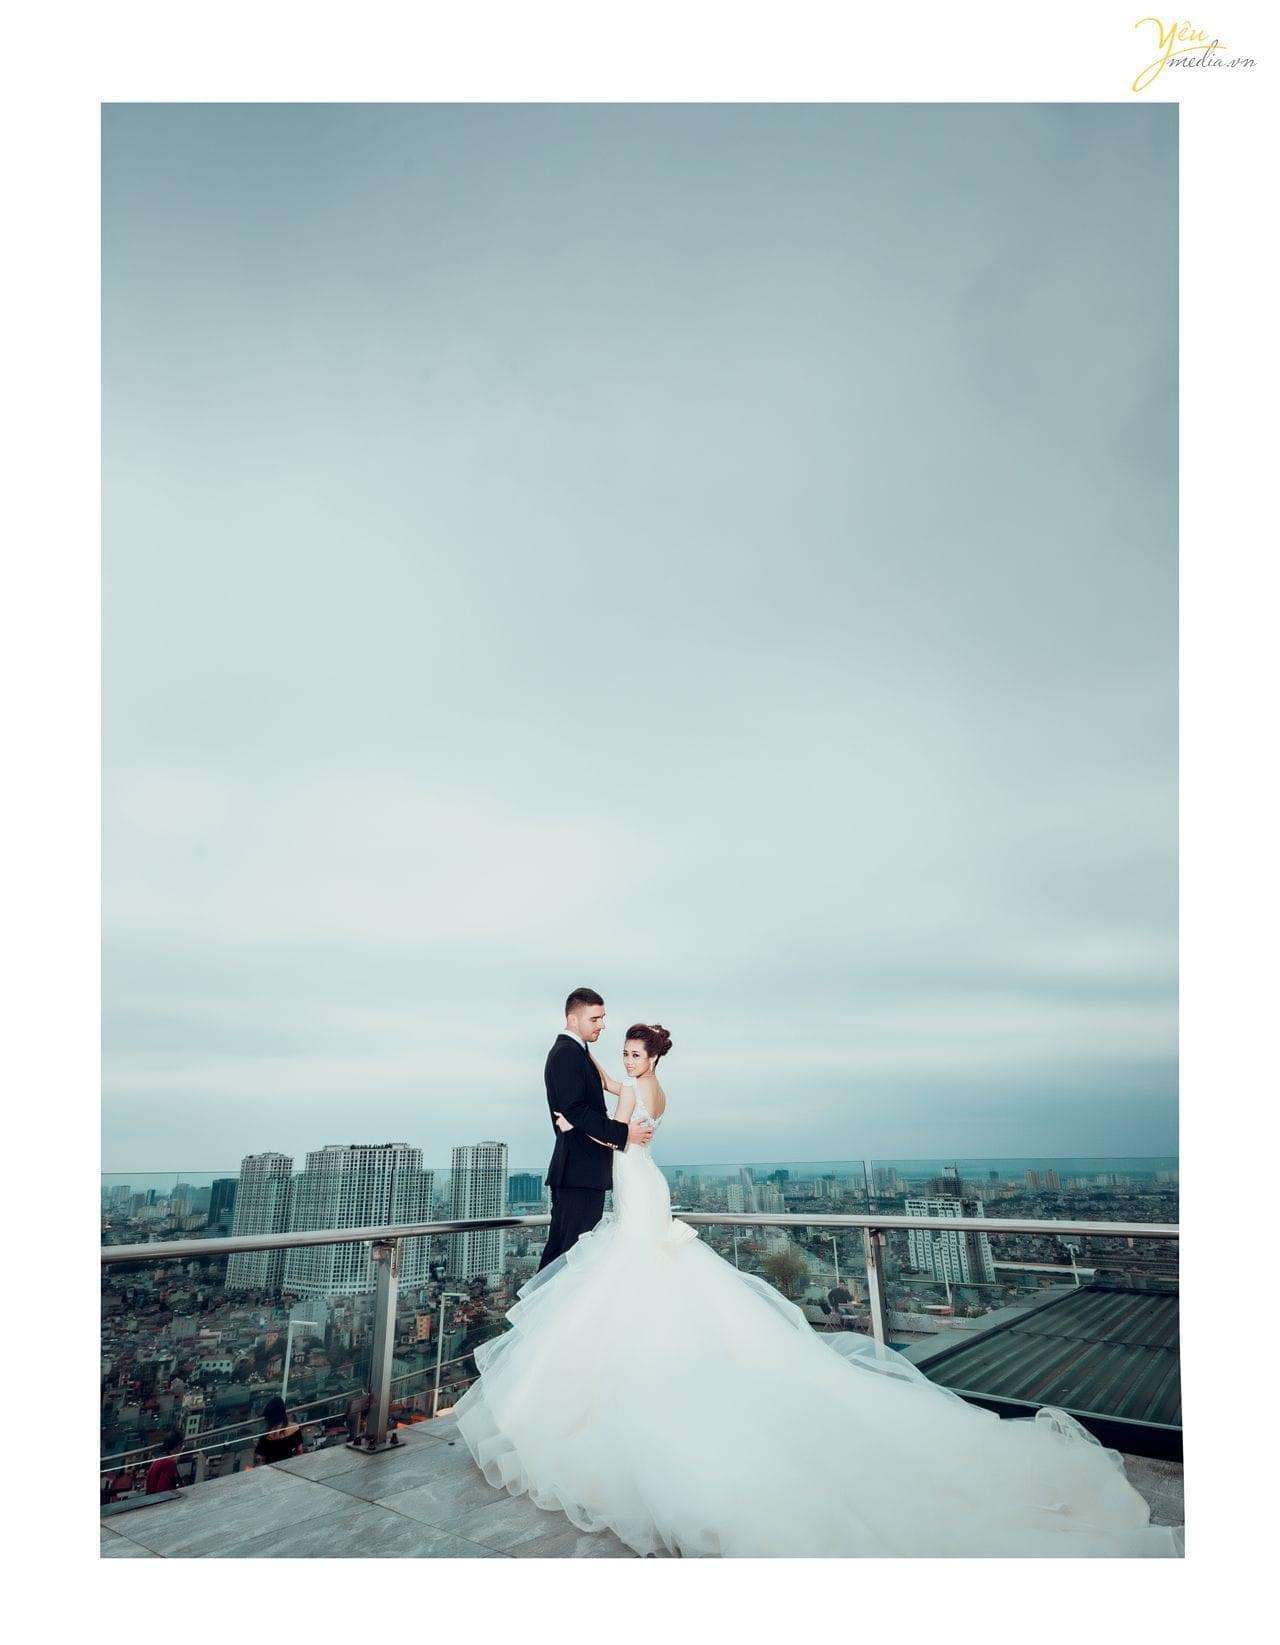 ảnh cưới chụp trill cafe chú rể nước ngoài